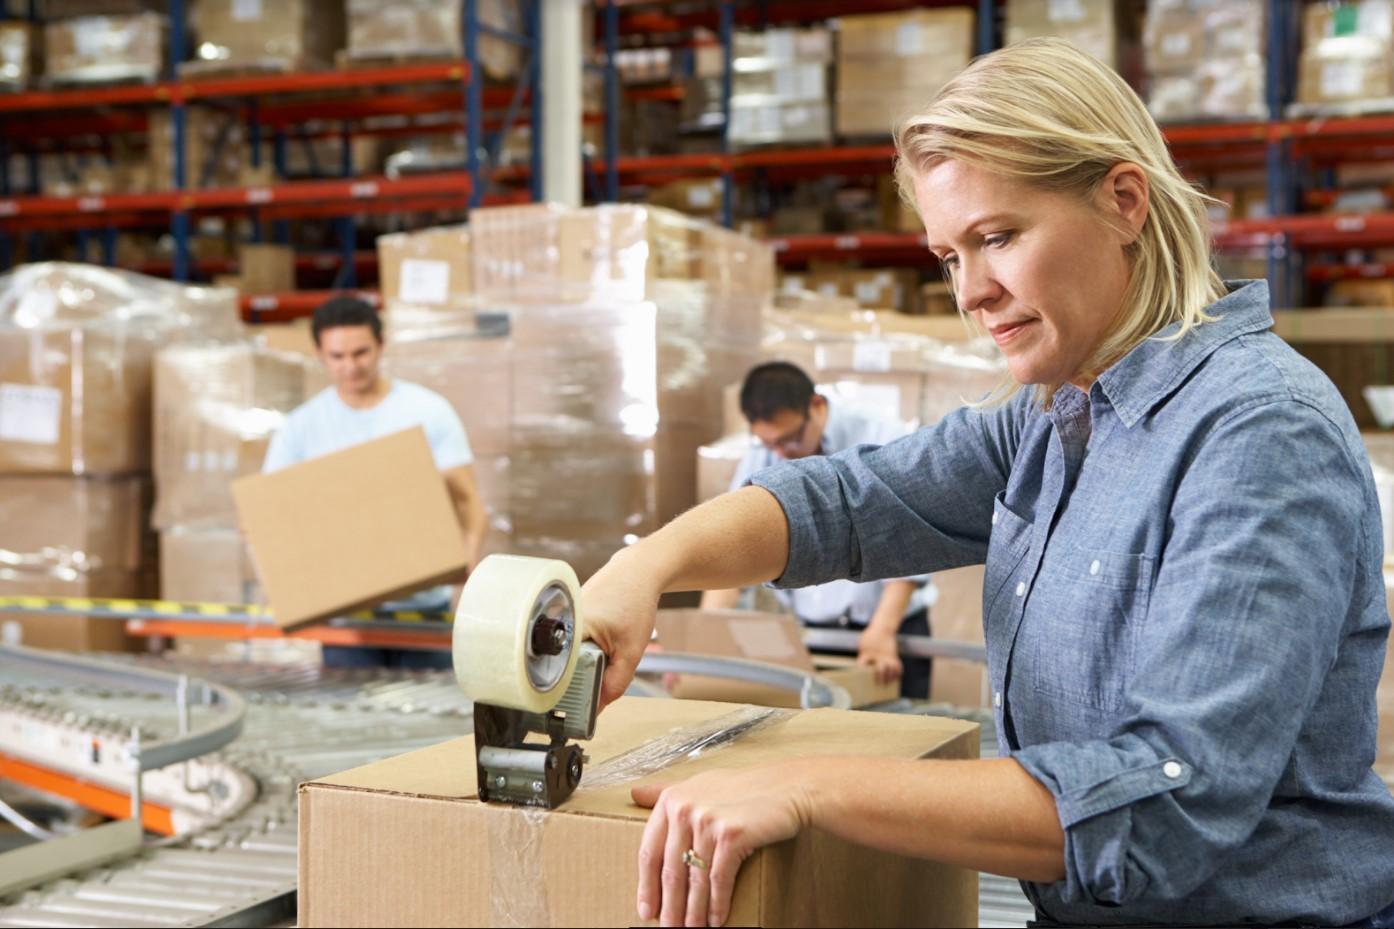 Packaging worker